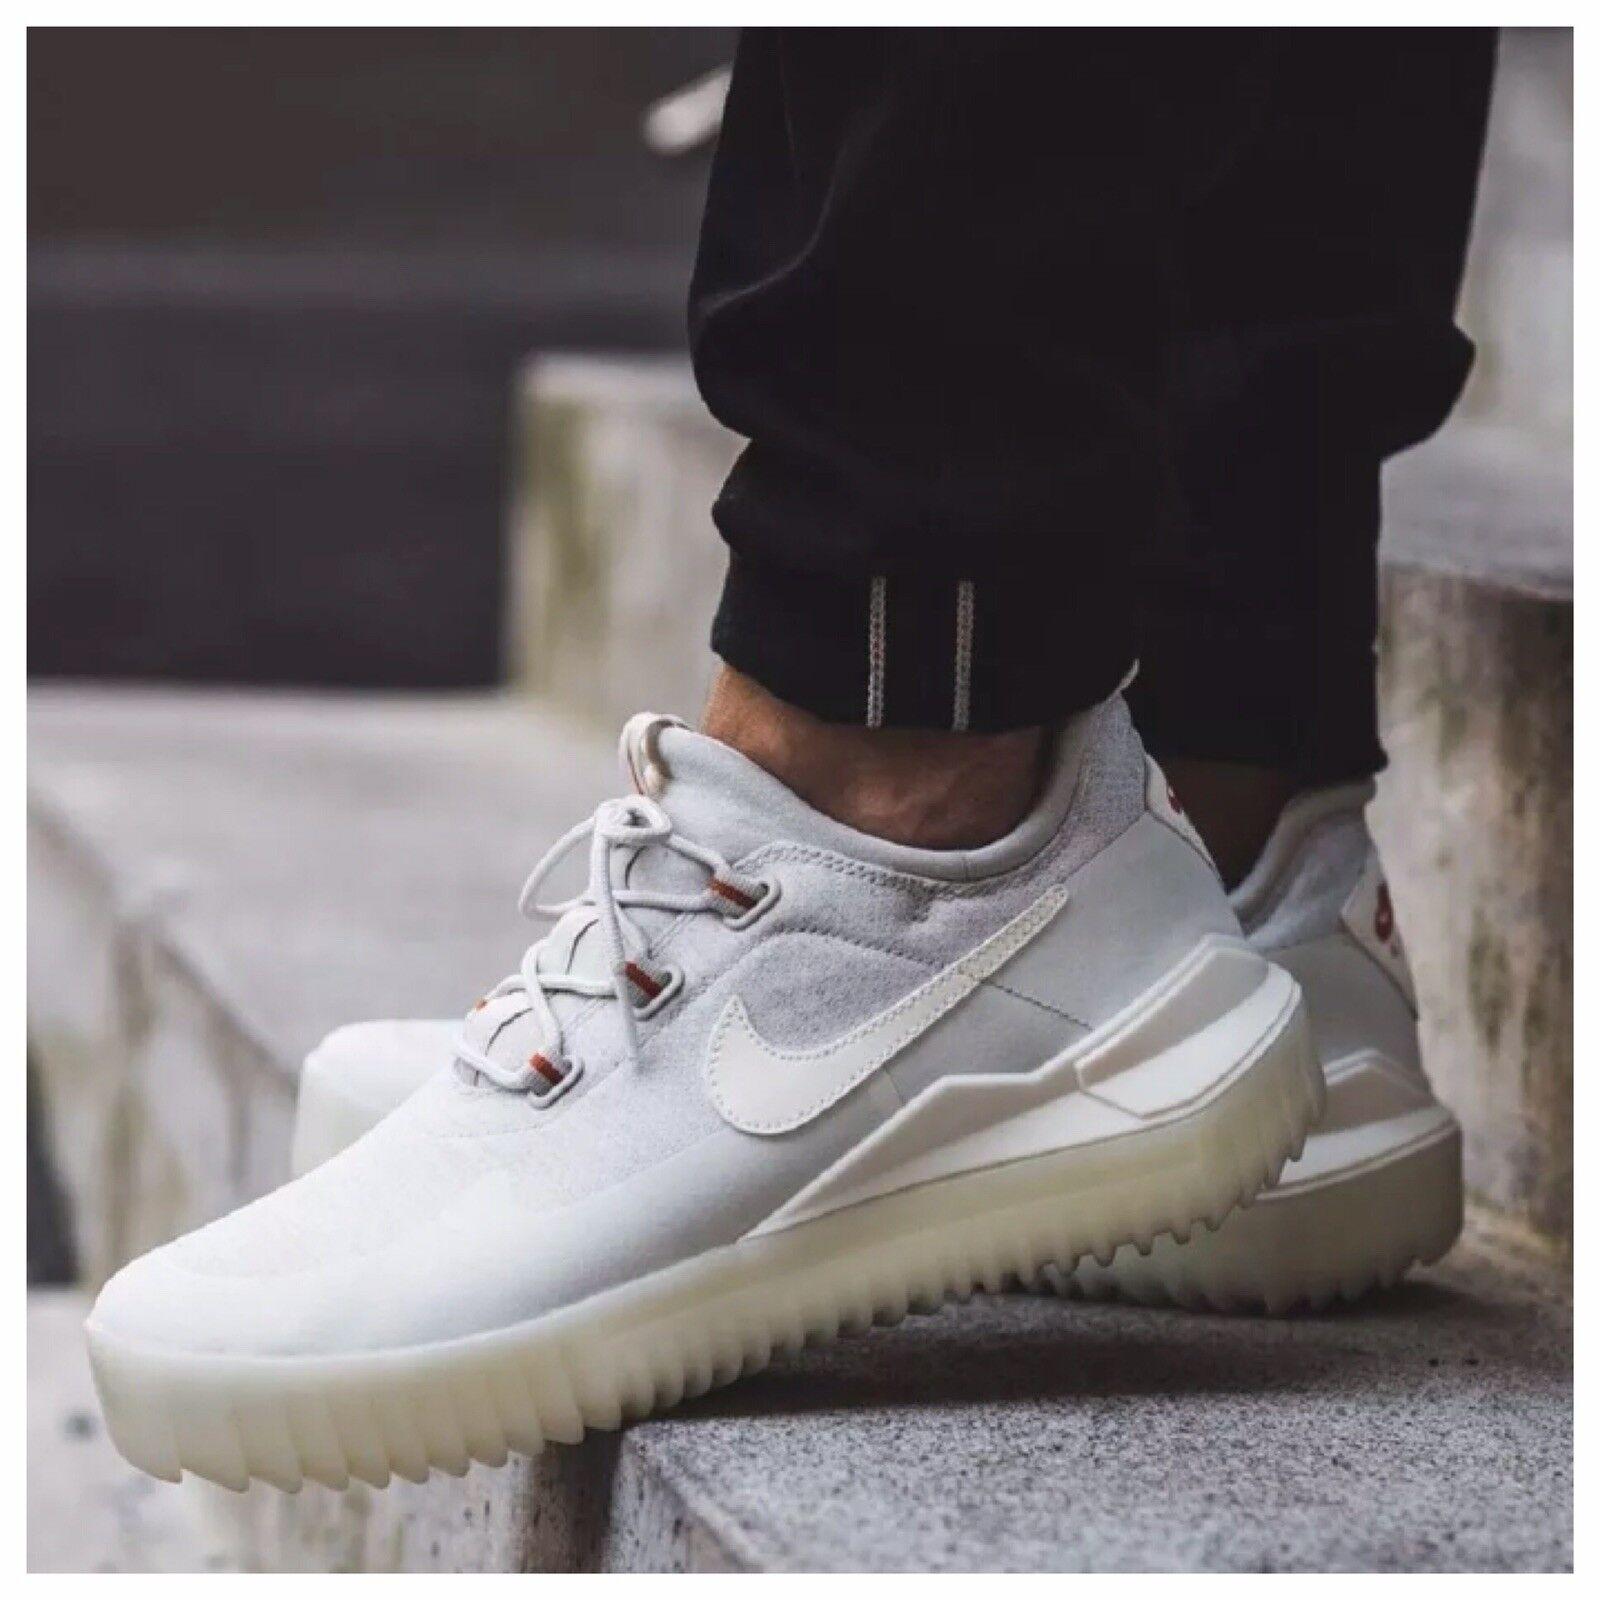 16ed5b56bff9 Nike Air Air Air Wild Light Bone Sail Men Shoes Off White Sneakers ...